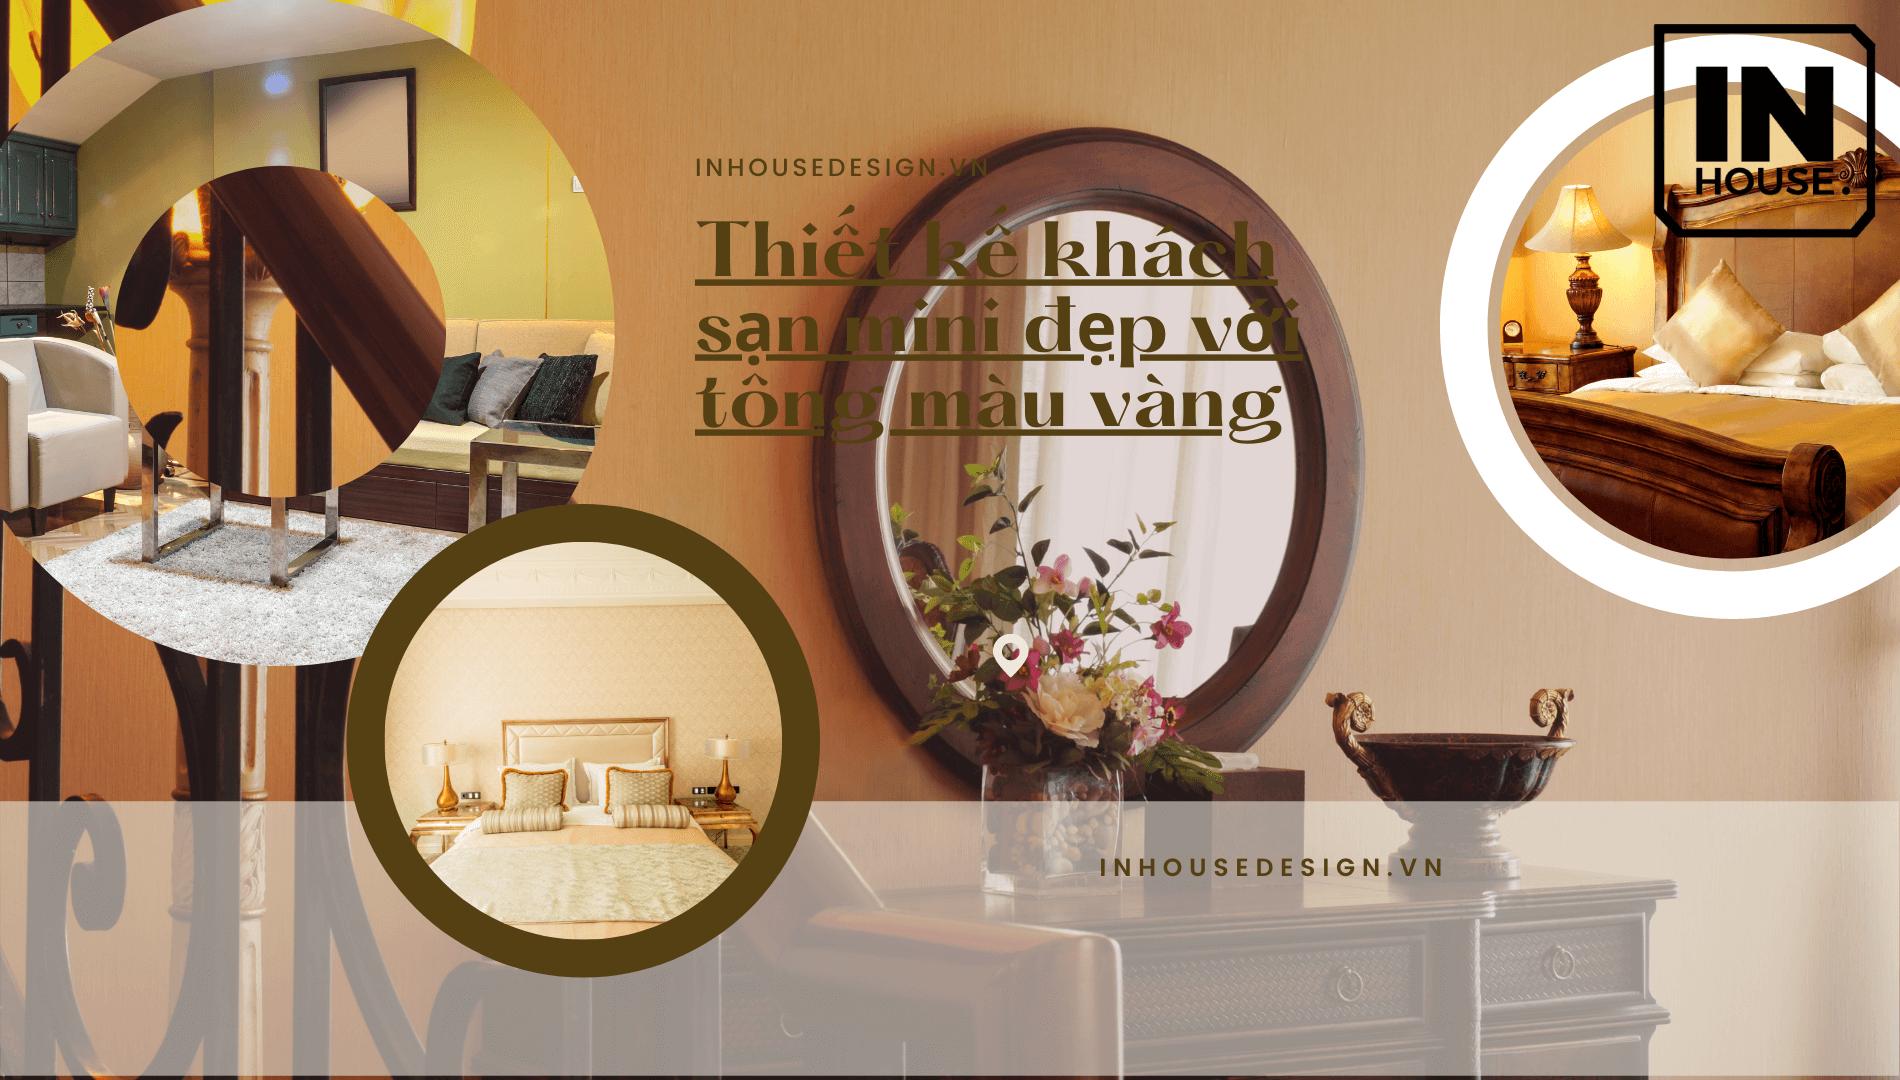 Thiết kế khách sạn mini đẹp với tông màu vàng